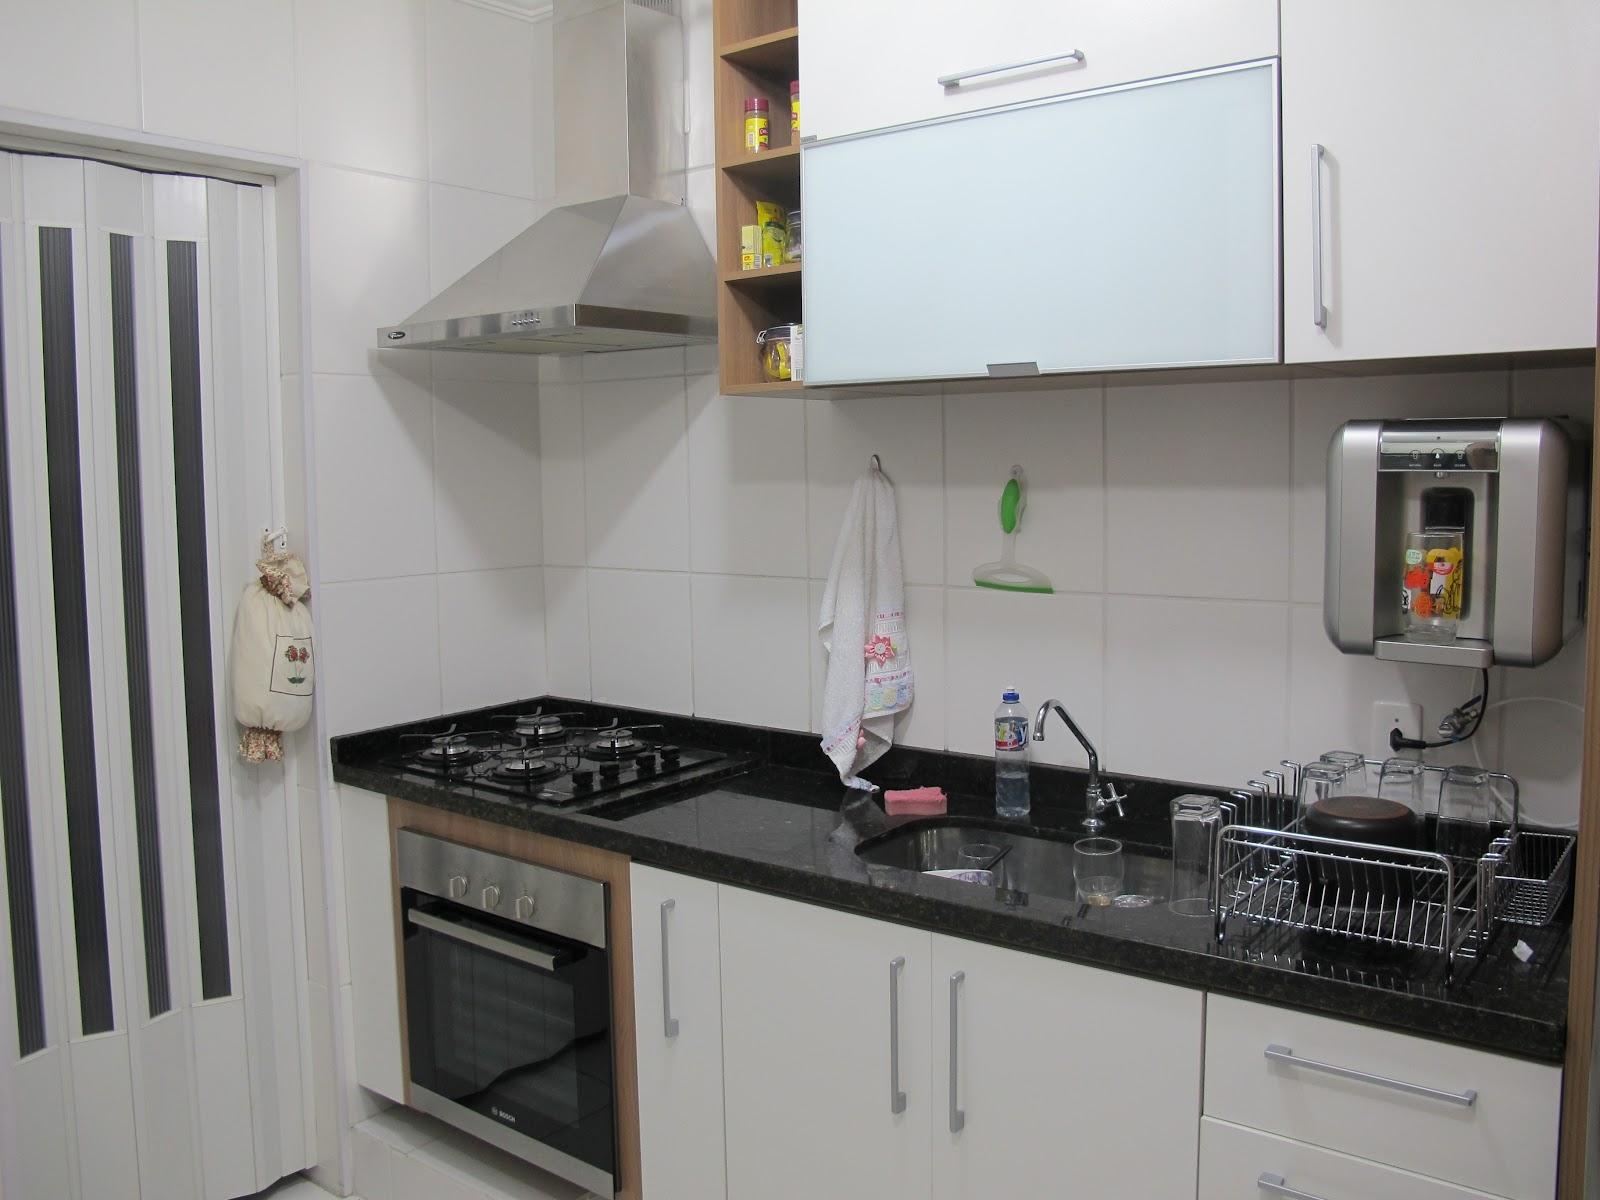 Meu cooktop e forno (lindos) com a pia e o bebedouro no post  #604E40 1600 1200